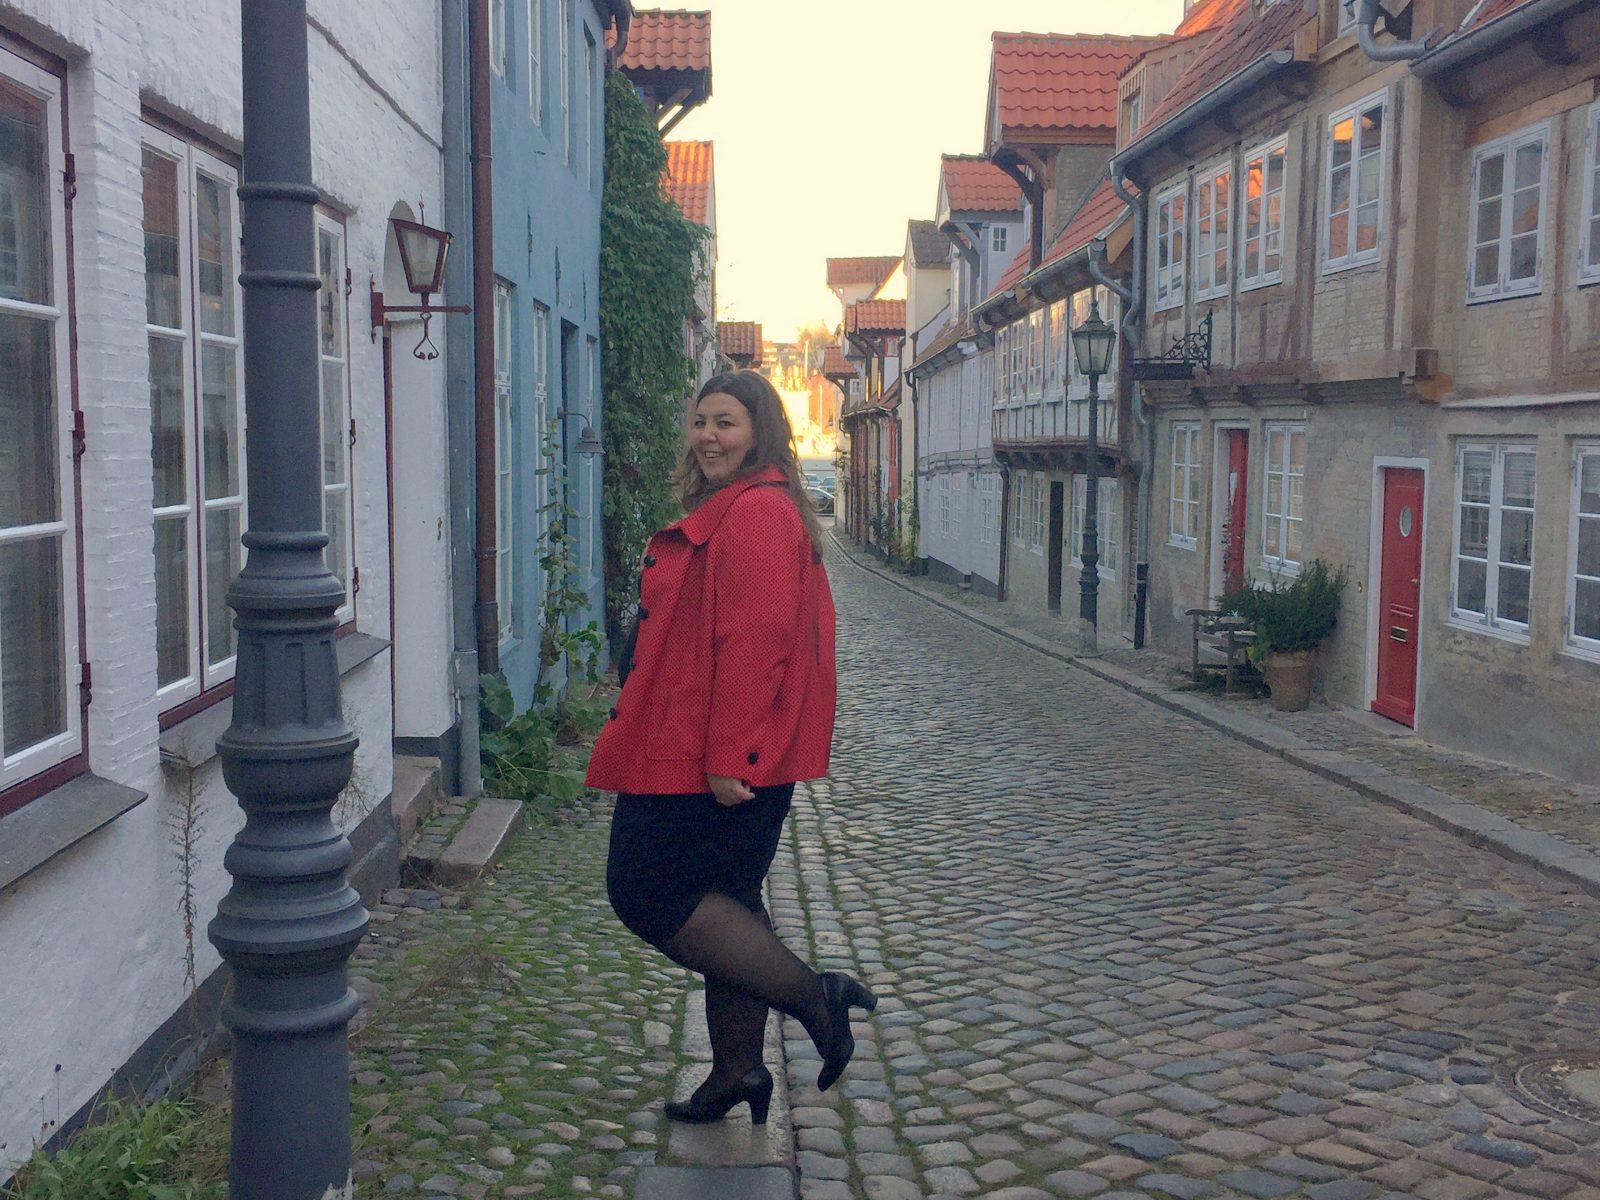 Style // Das Kleine Schwarze mit der roten Jacke